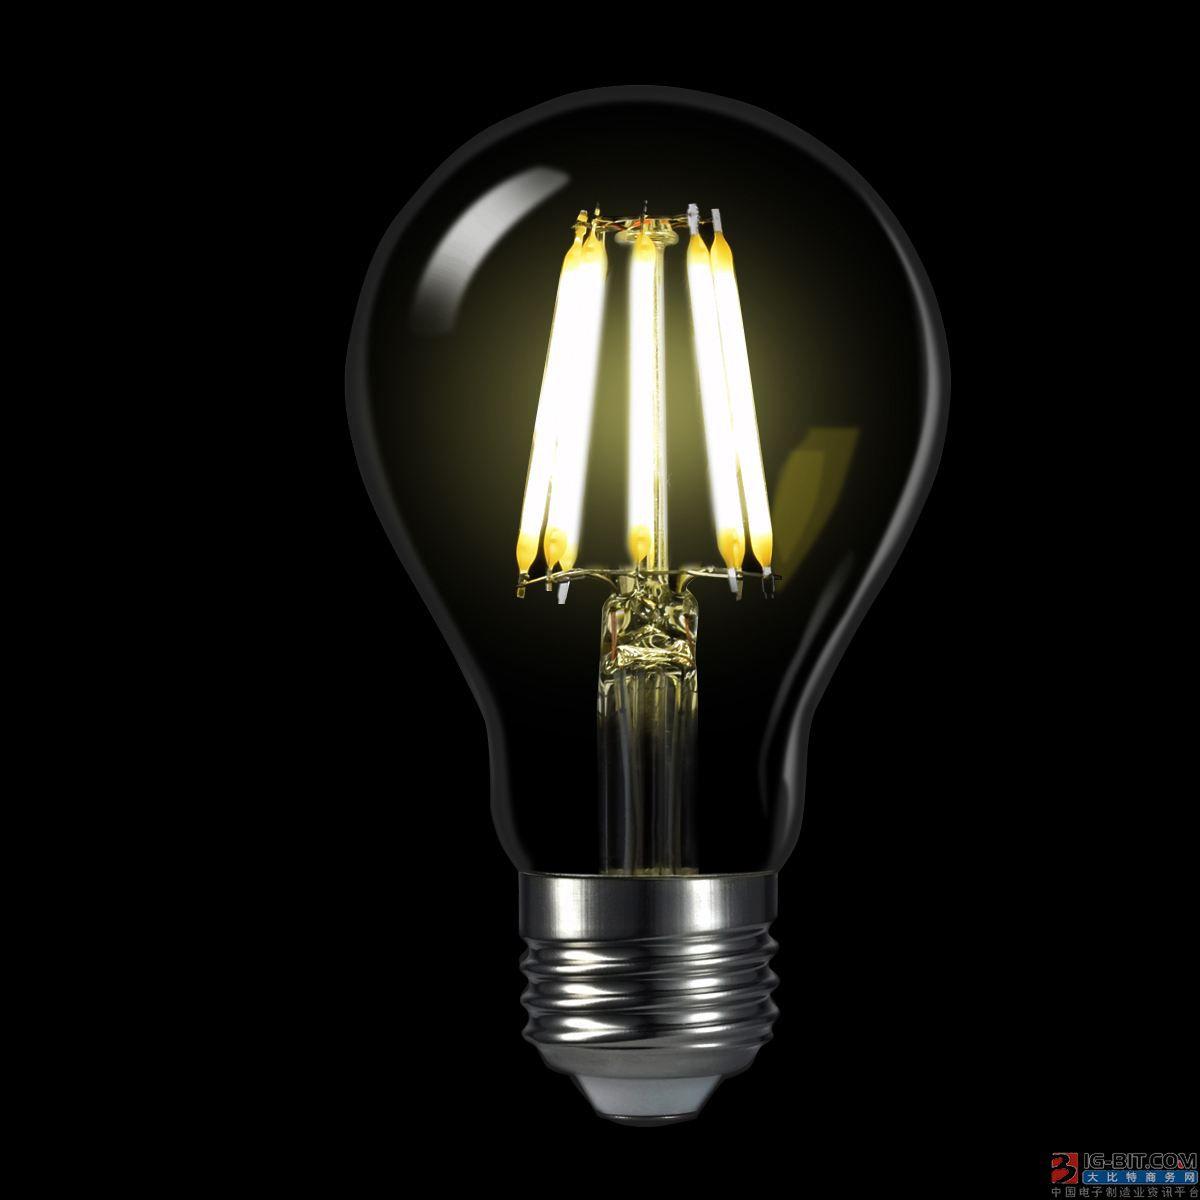 瑞丰、晶能、首尔半导体等厂商高管大谈车用LED照明